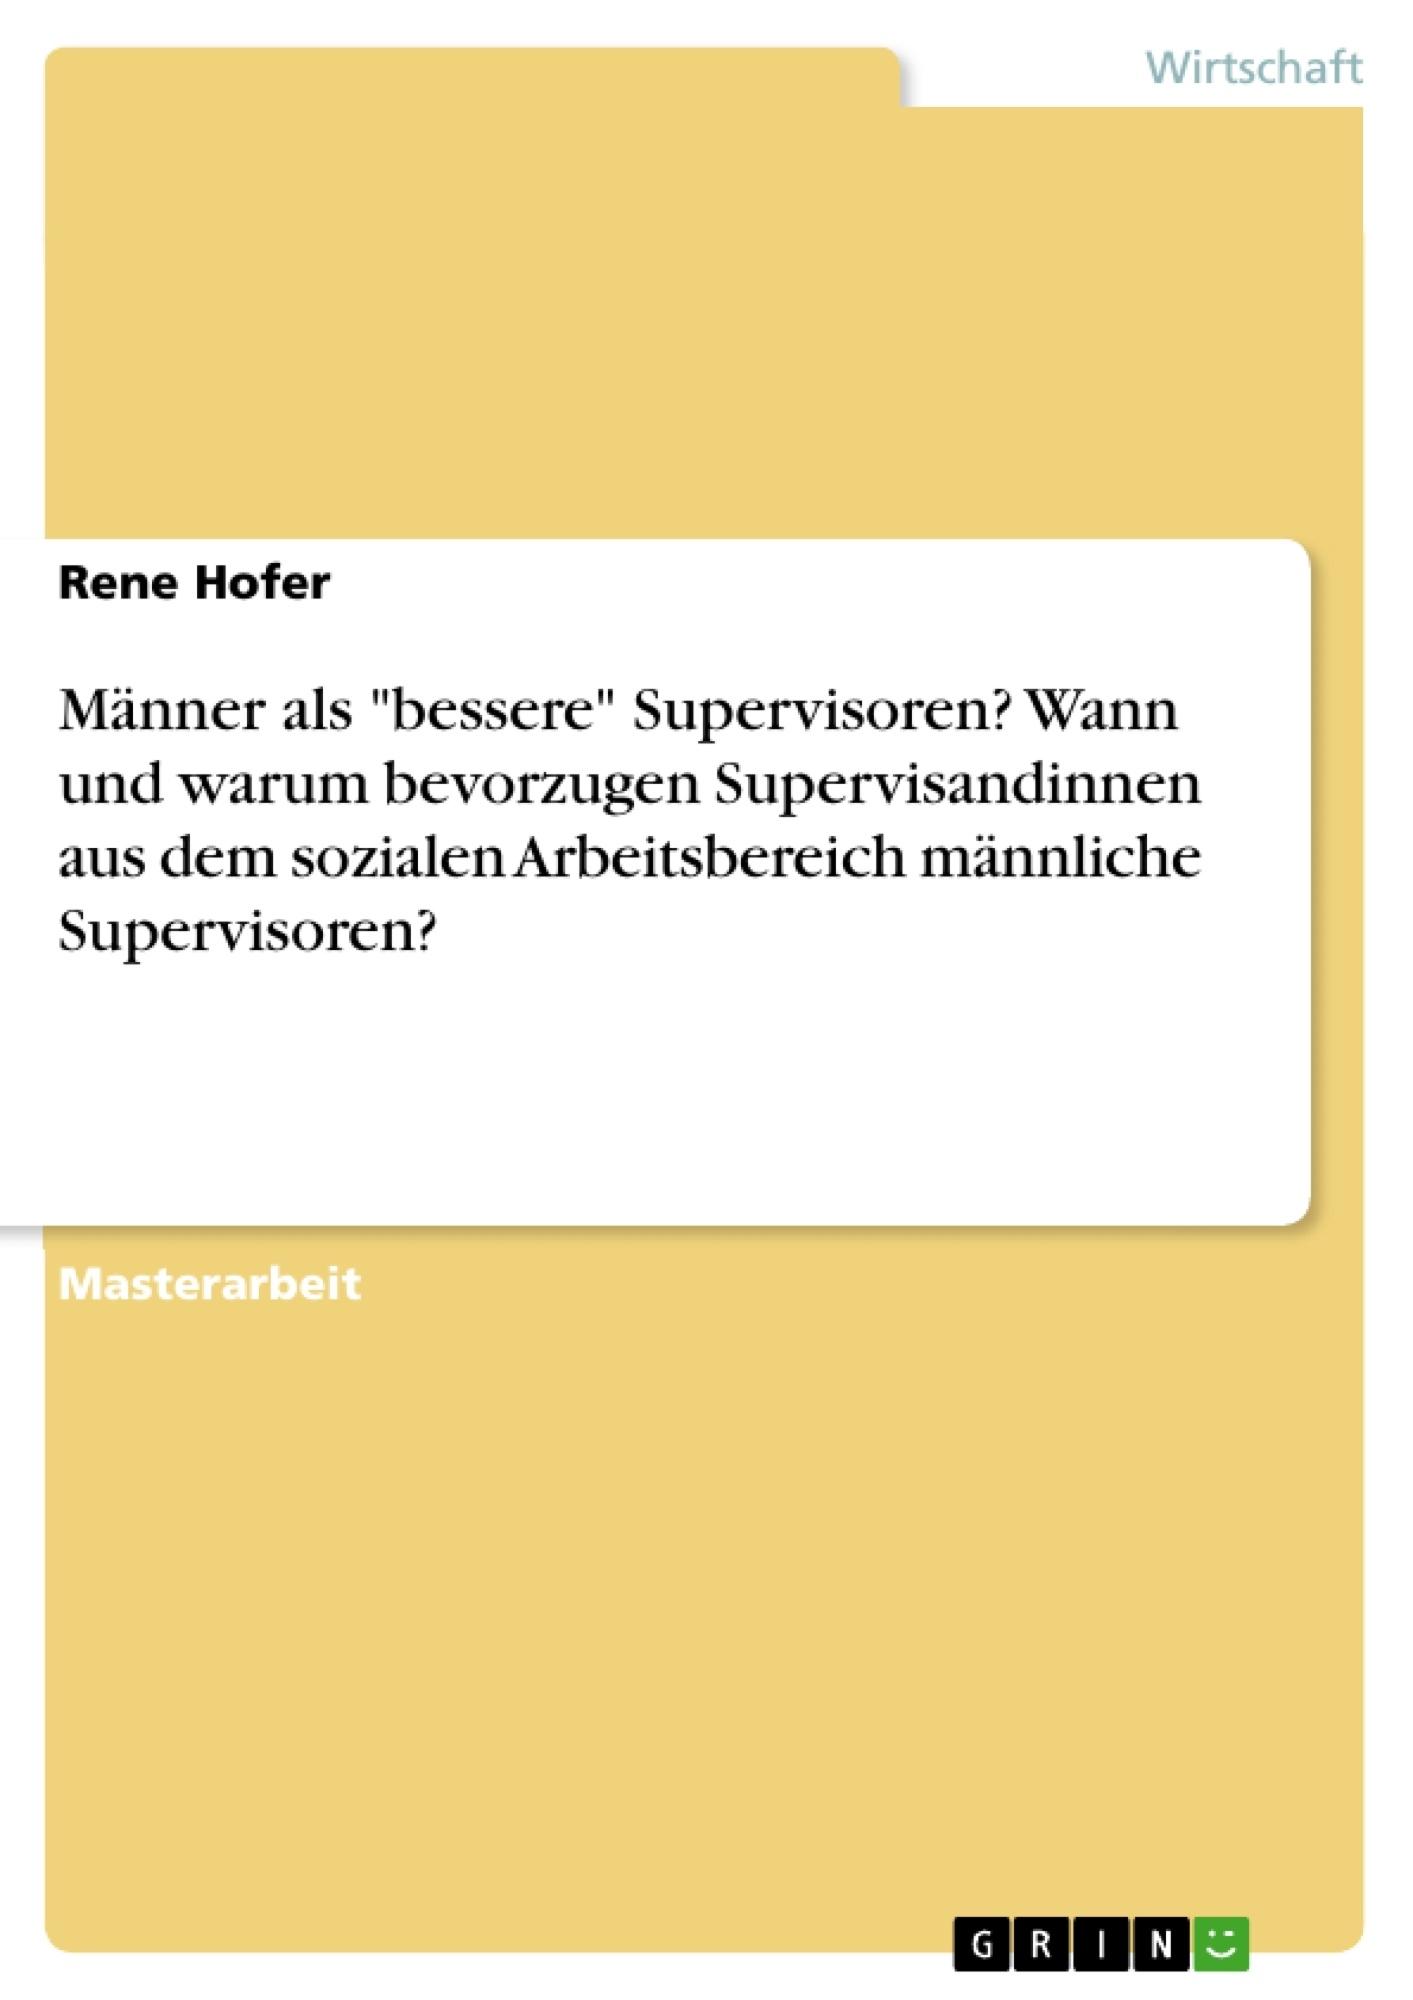 """Titel: Männer als """"bessere"""" Supervisoren? Wann und warum bevorzugen Supervisandinnen aus dem sozialen Arbeitsbereich männliche Supervisoren?"""